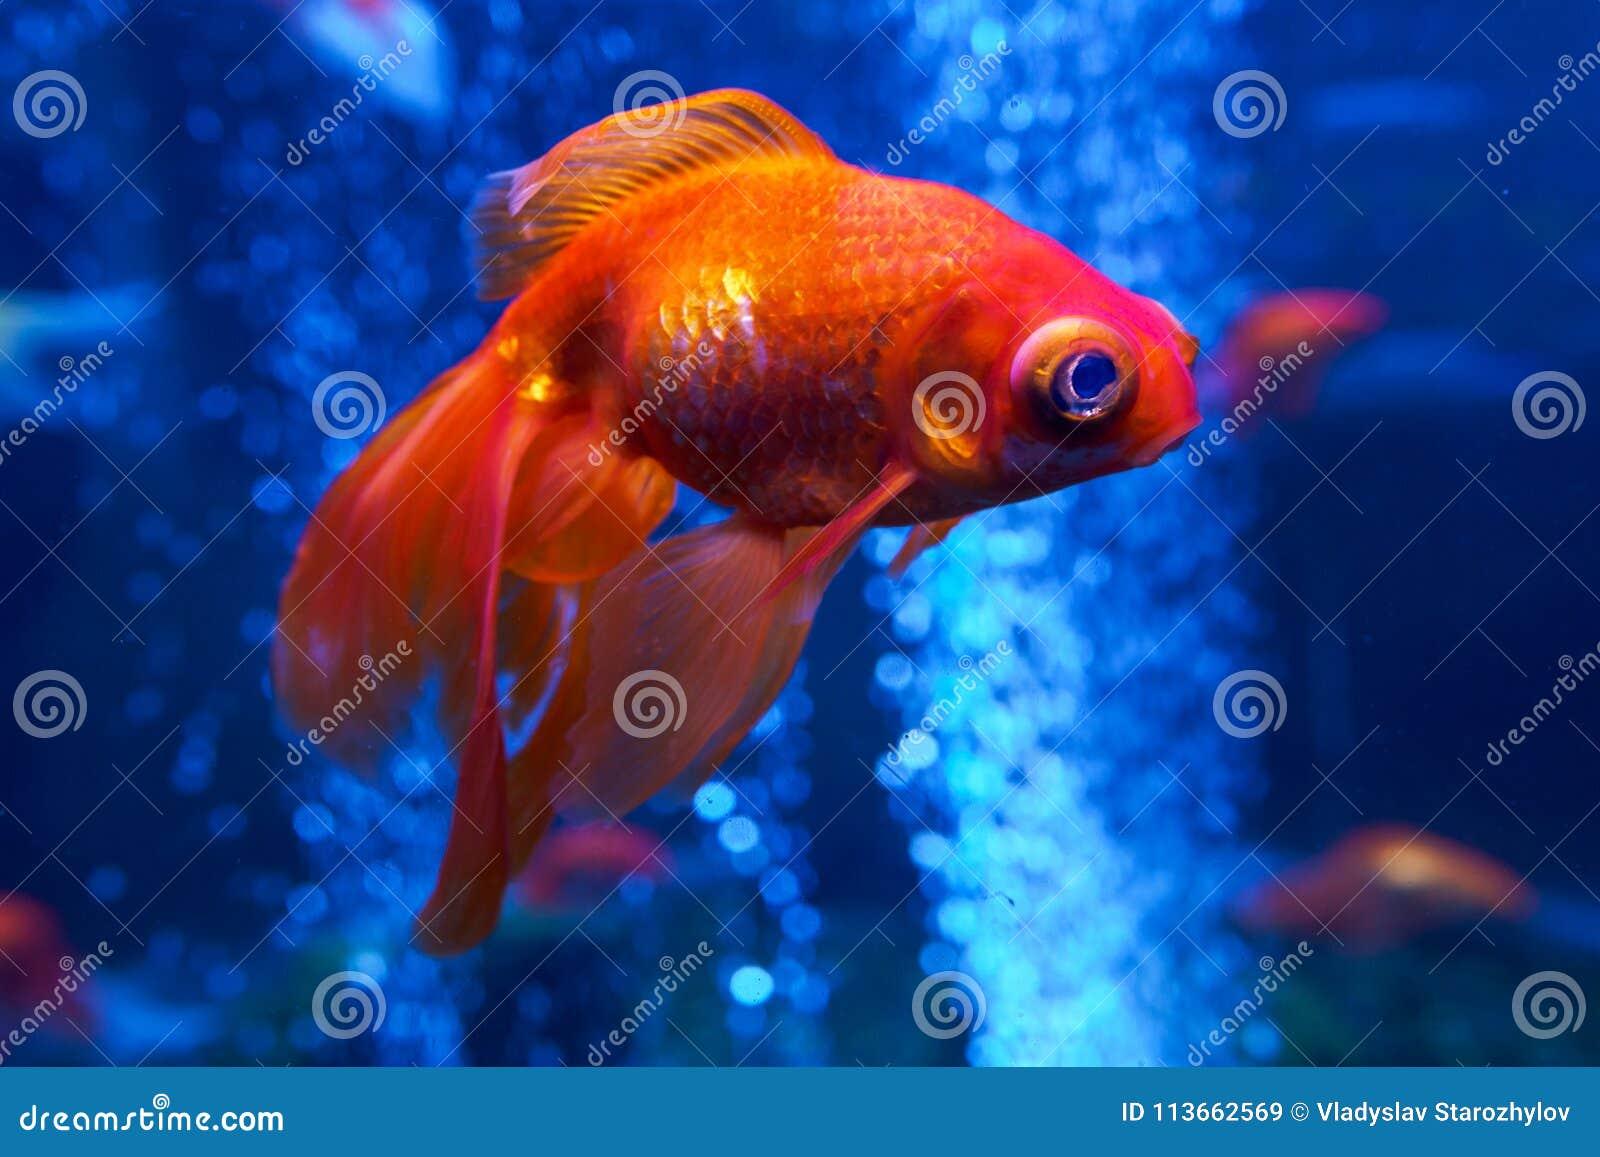 Goldfish In The Aquarium Stock Image Image Of Interior 113662569